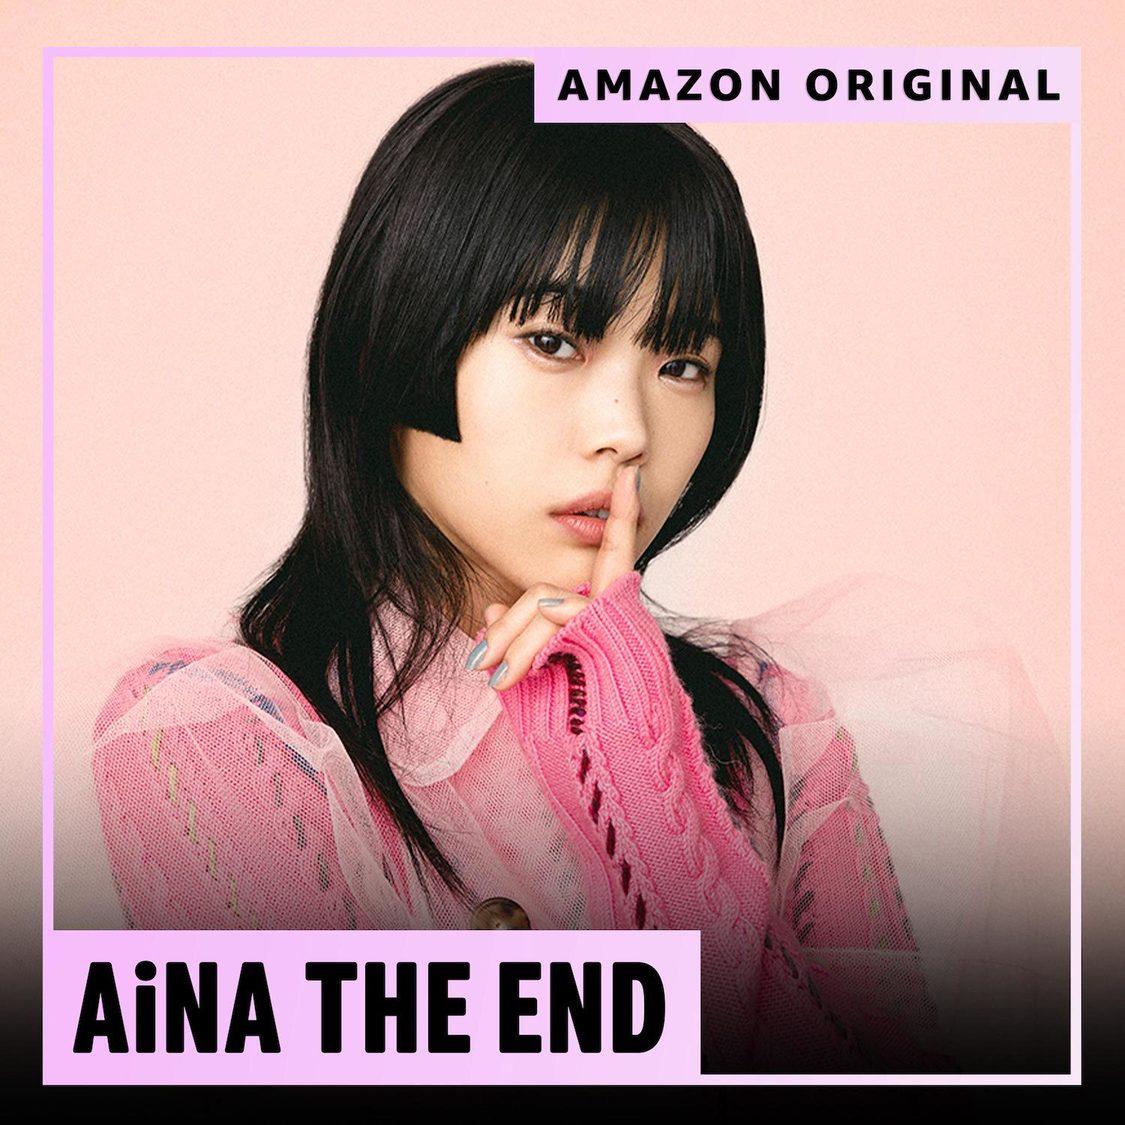 アイナ・ジ・エンド、Amazon Music新プロジェクト『Music4Cinema』参加+楽曲配信スタート! 「短編映画『余りある』の主題歌を書き下ろさせていただきました」